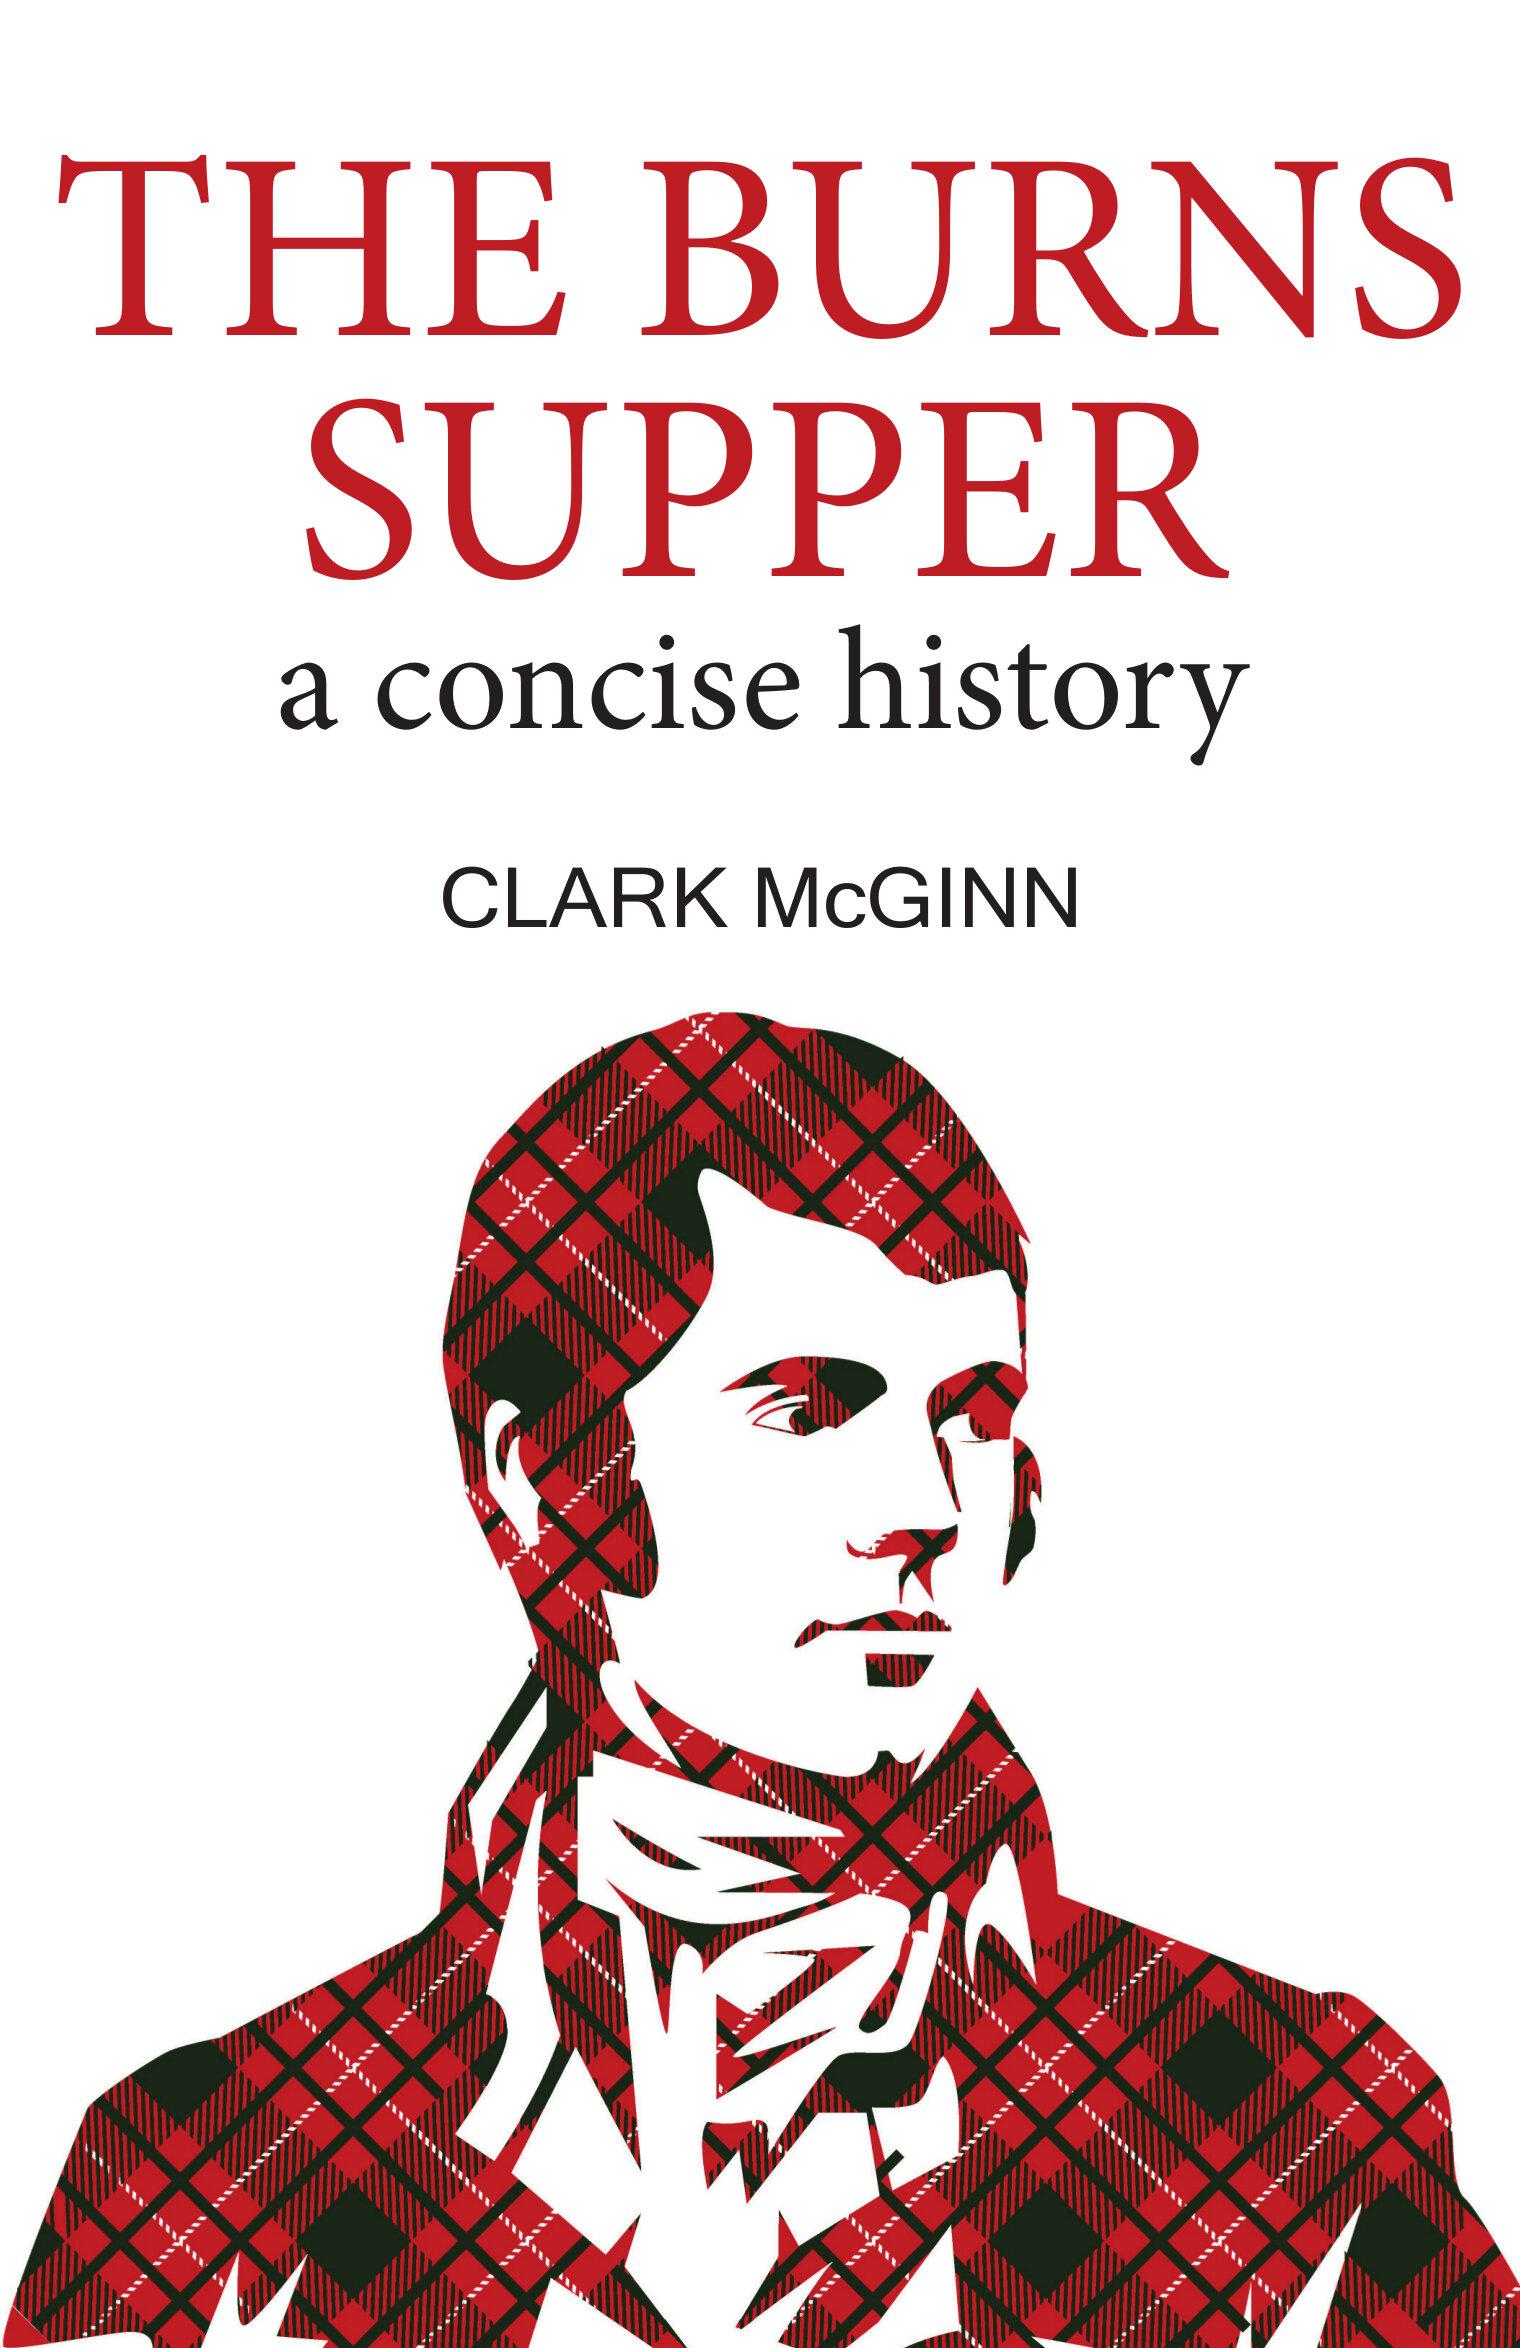 The Burns Supper A Concise History Clark McGinn 9781912147830 Luath Press.jpg